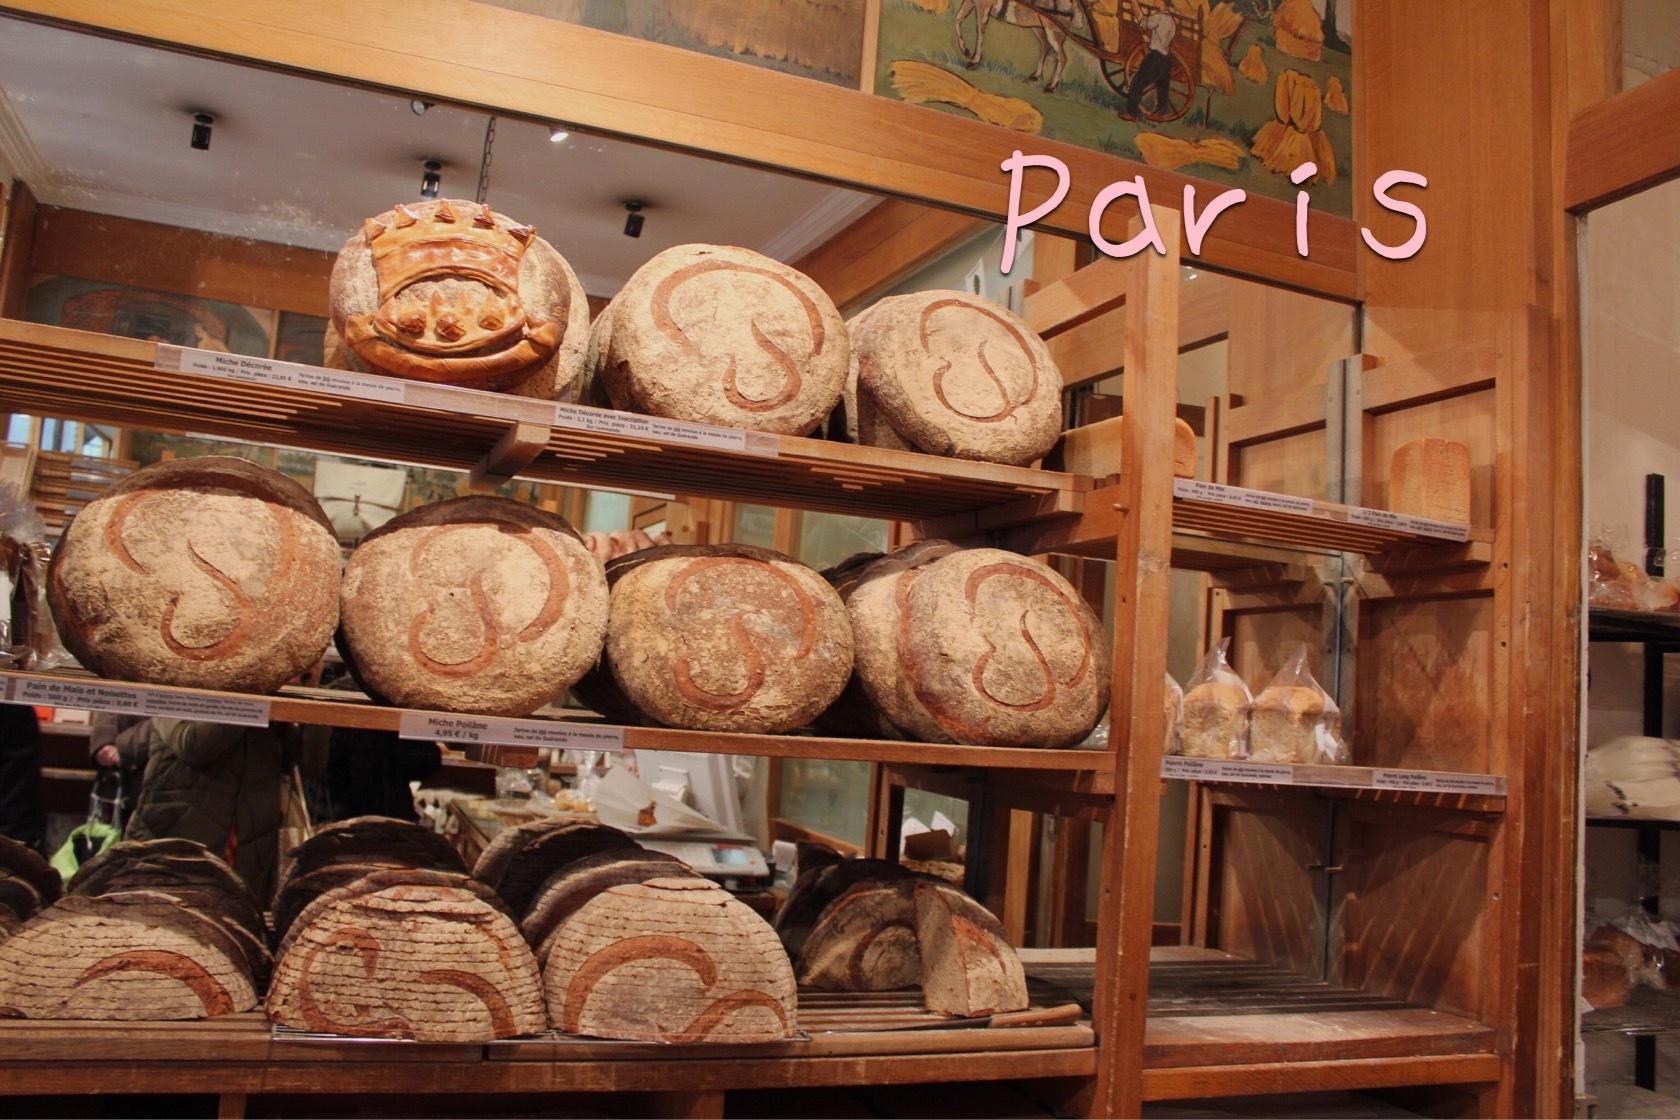 パリの旅日記!サンジェルマン・デプレ*⃝̣◌︎⑅⃝︎◍︎♡︎◌︎*⃝̥◍︎♡︎_a0213806_16574018.jpeg